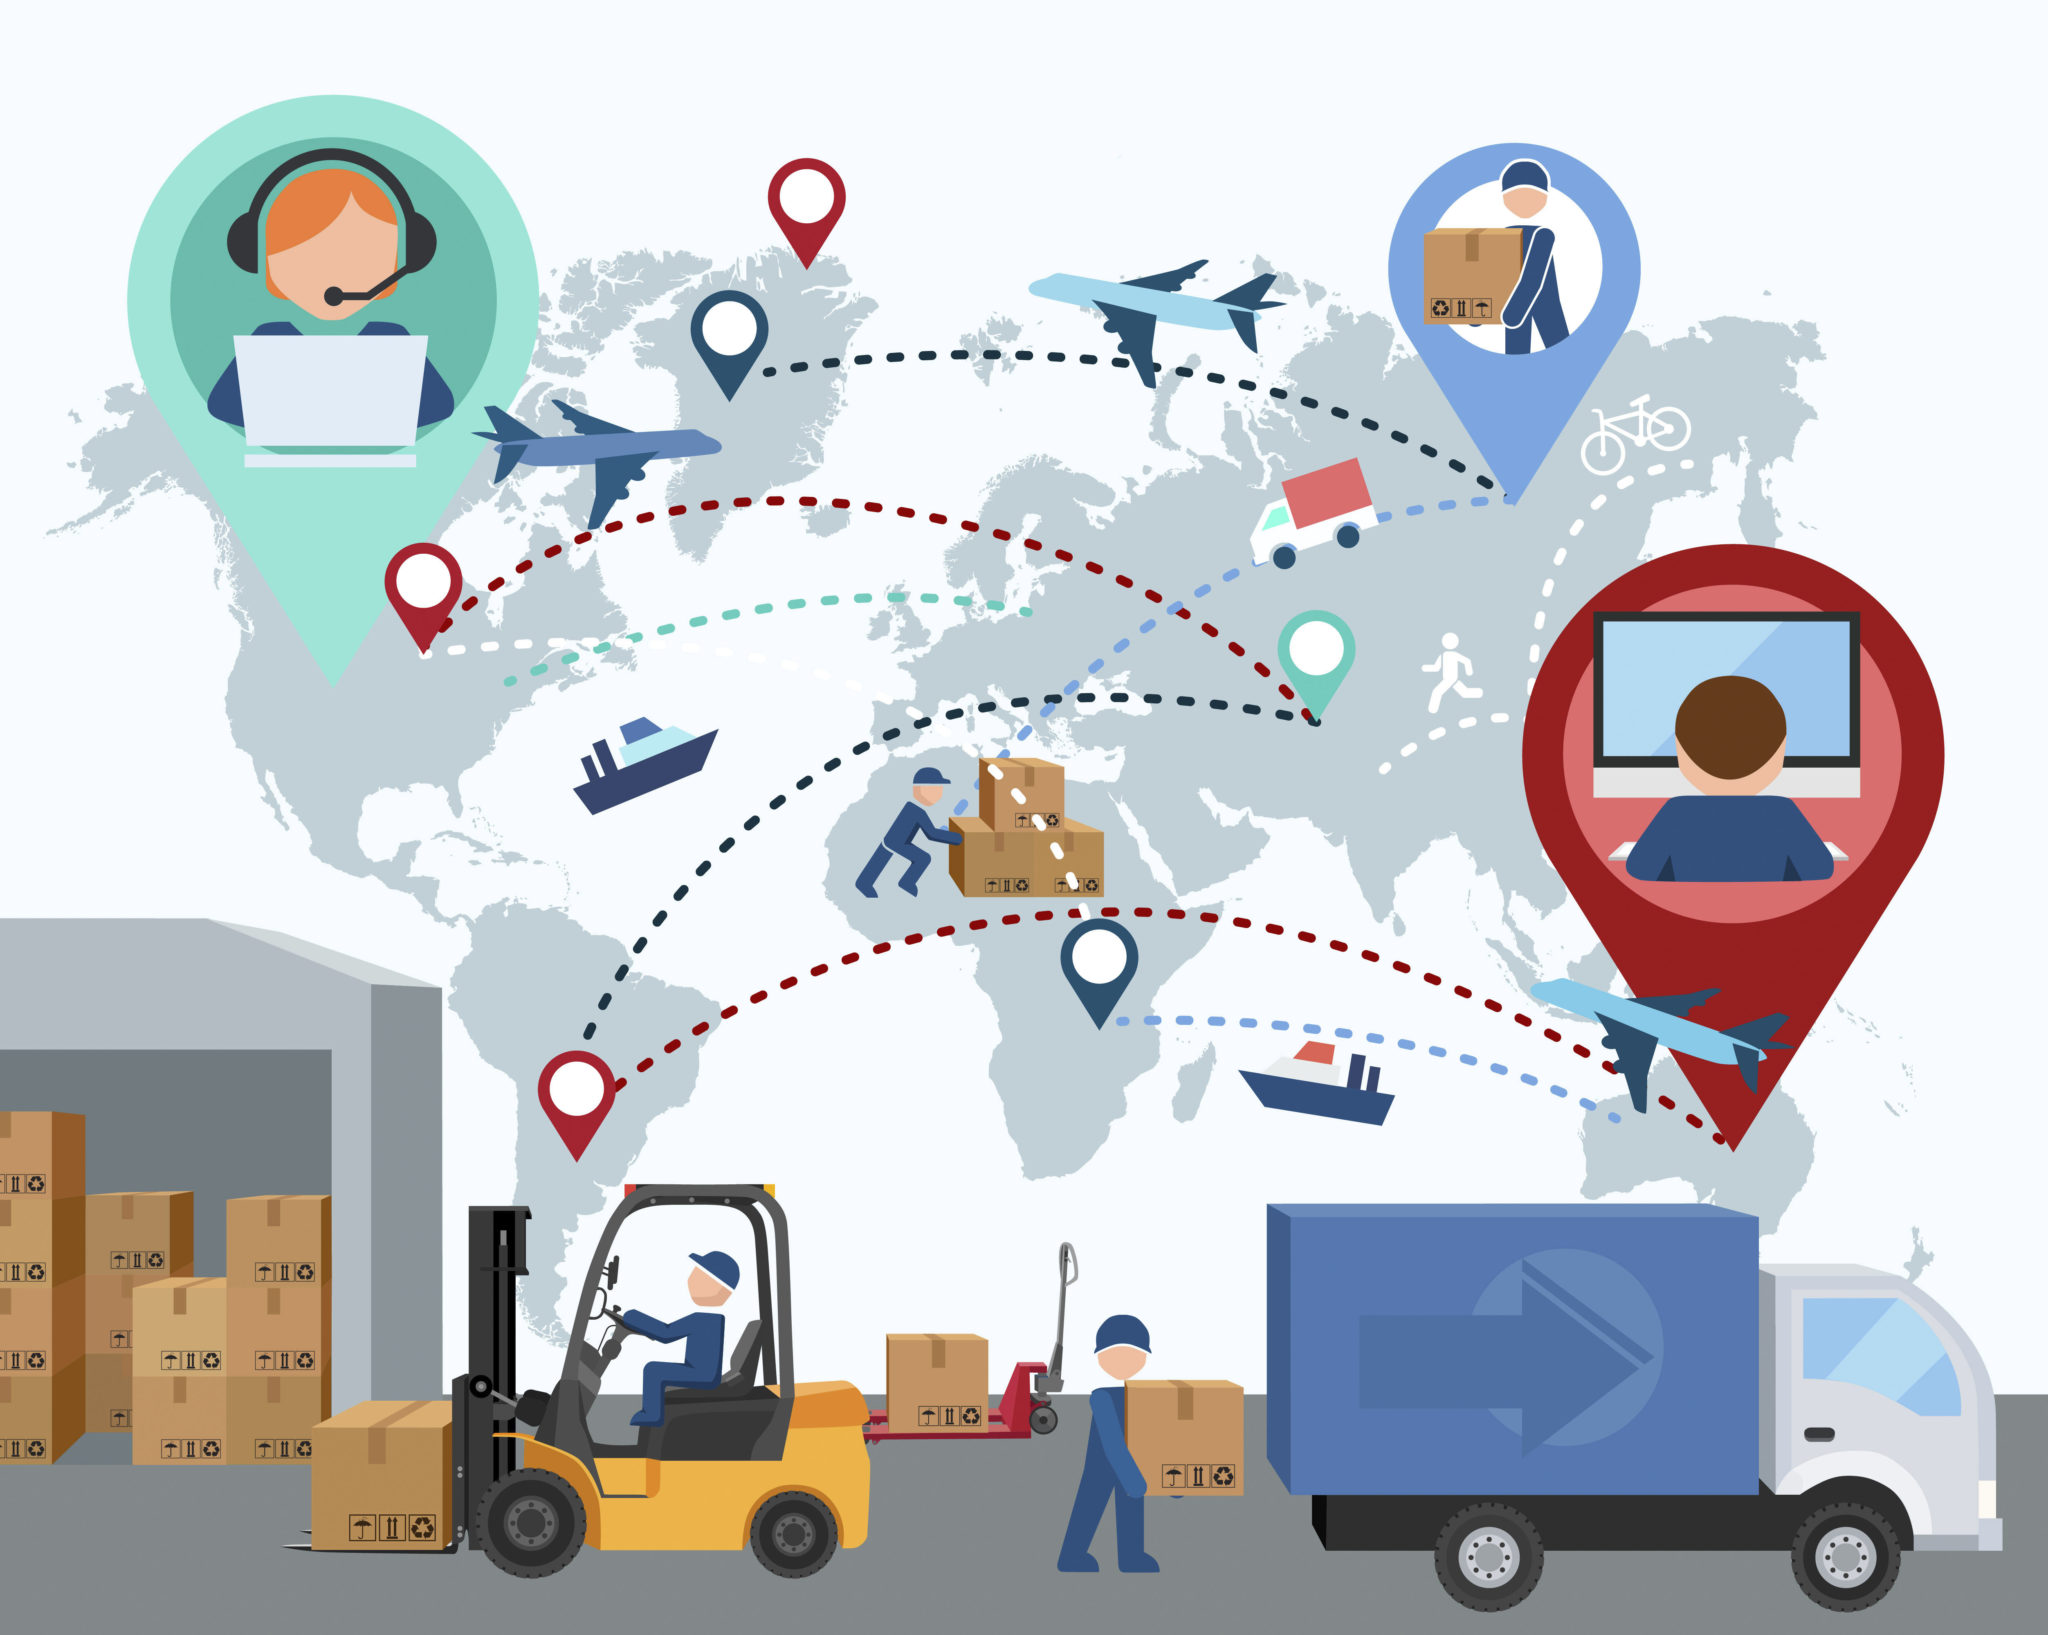 Cadena de Suministro 04 - ¿Qué es y cómo optimizar una cadena de suministro?